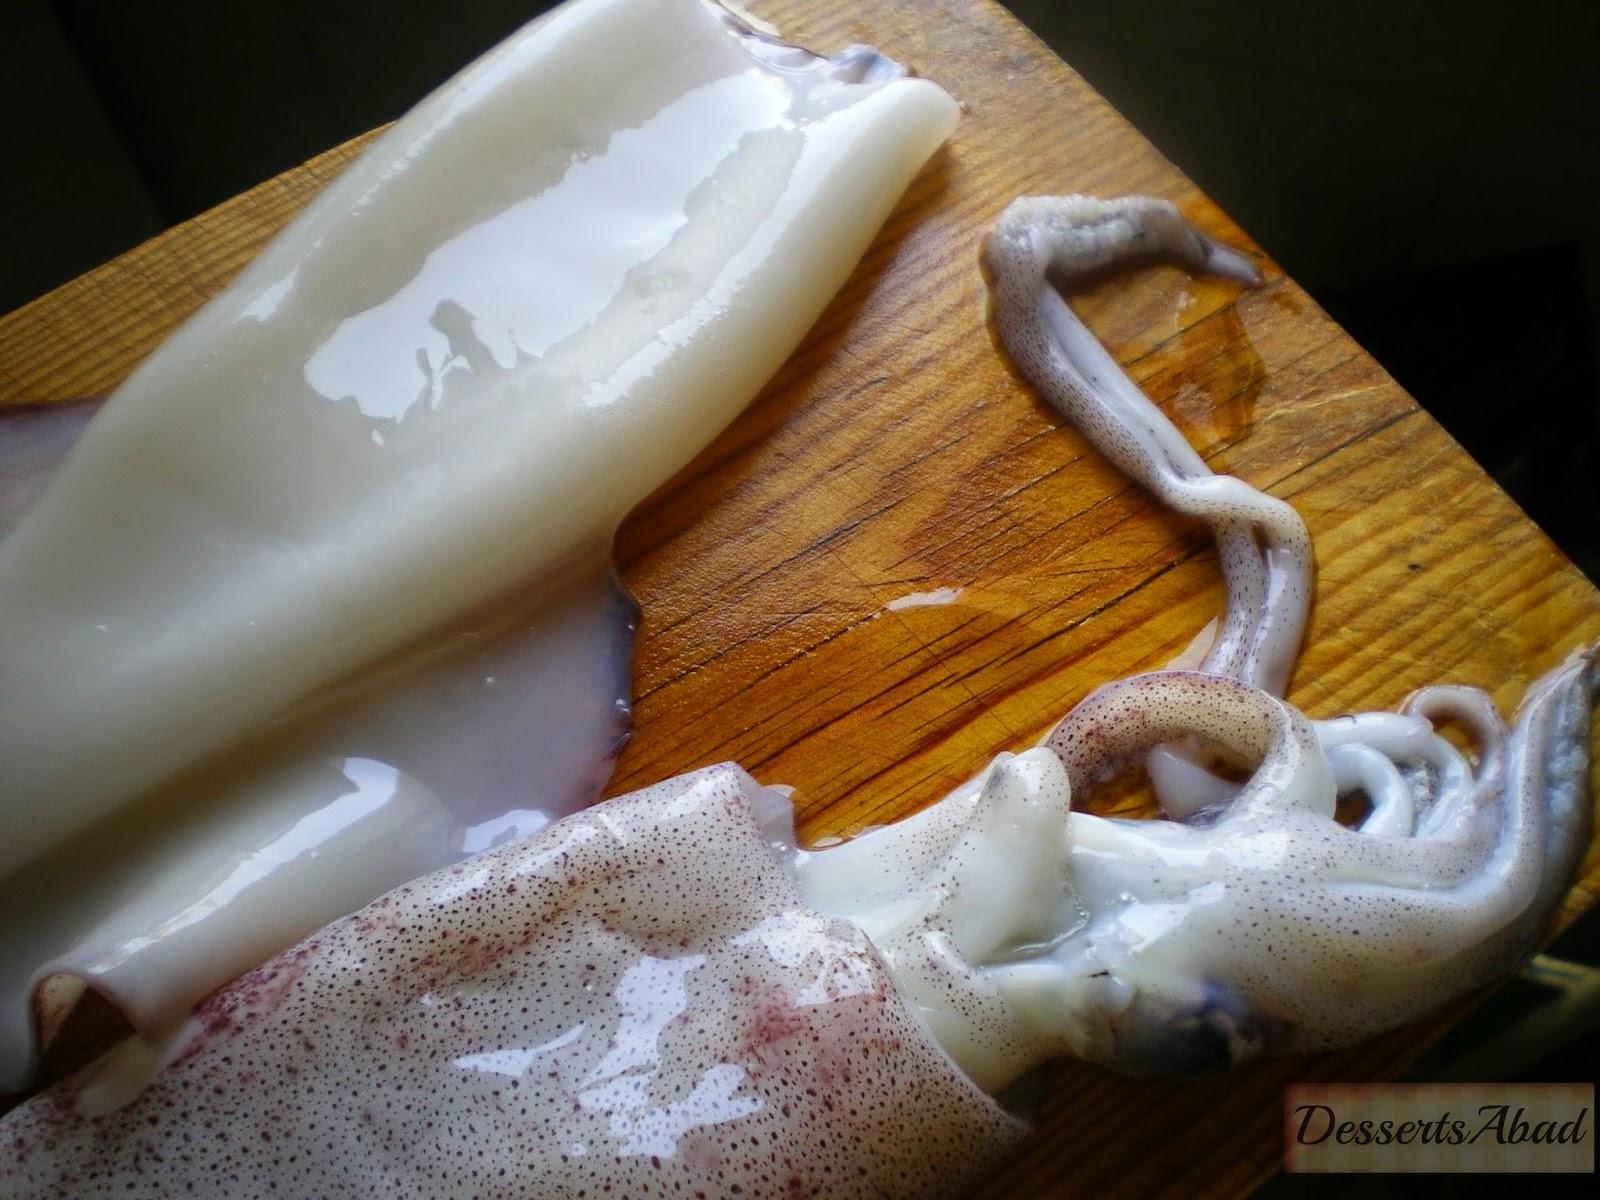 Calamares frescos